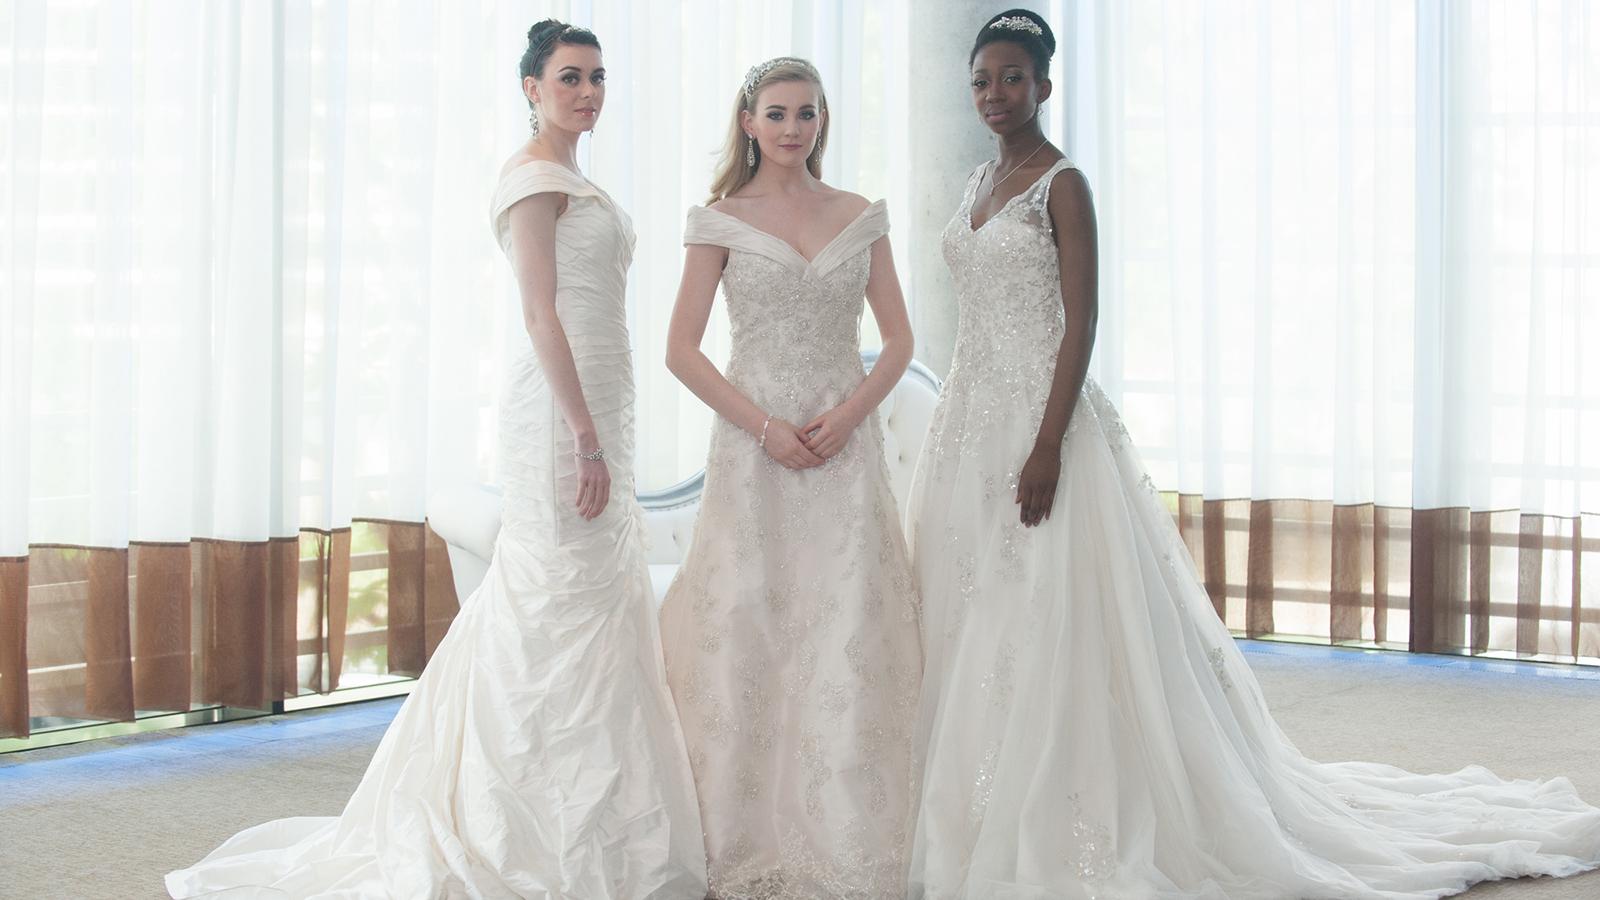 3 brides